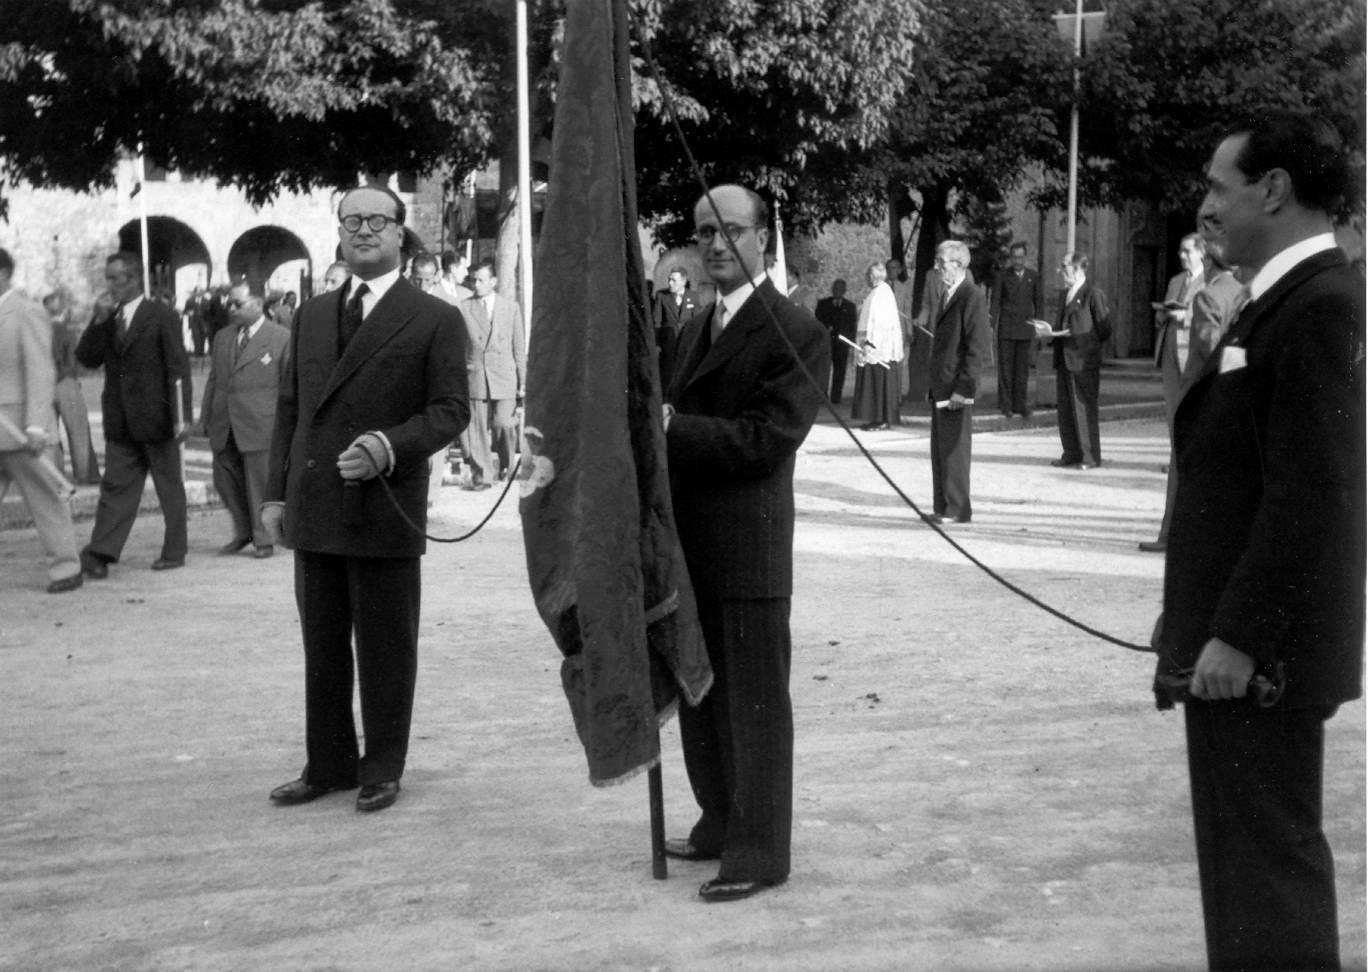 Retrat del pendonista i dels portadors de les cordes de la processó de Corpus de l'any 1955, aturats a la plaça del Monestir. AMSFG. Fons Pere Rigau (Autor: Pere Rigau)